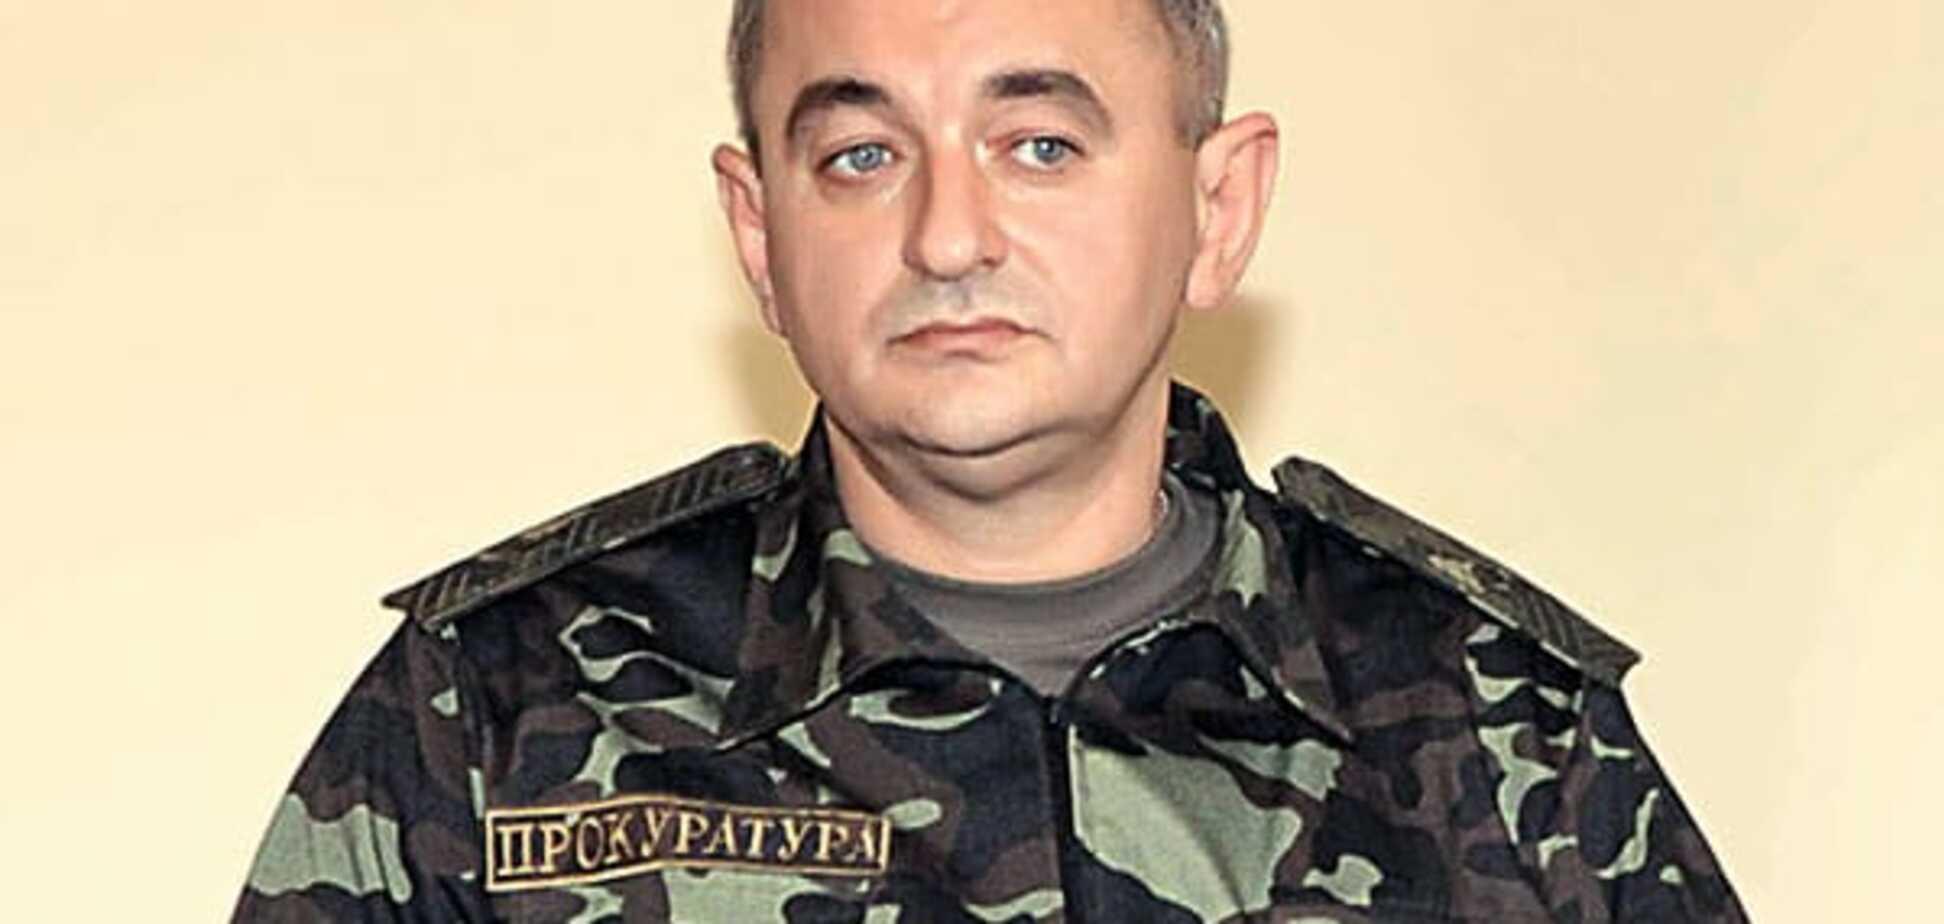 У Києві затримано групу керівних офіцерів ЗСУ, що незаконно торгували майном АТО: оперативне відео